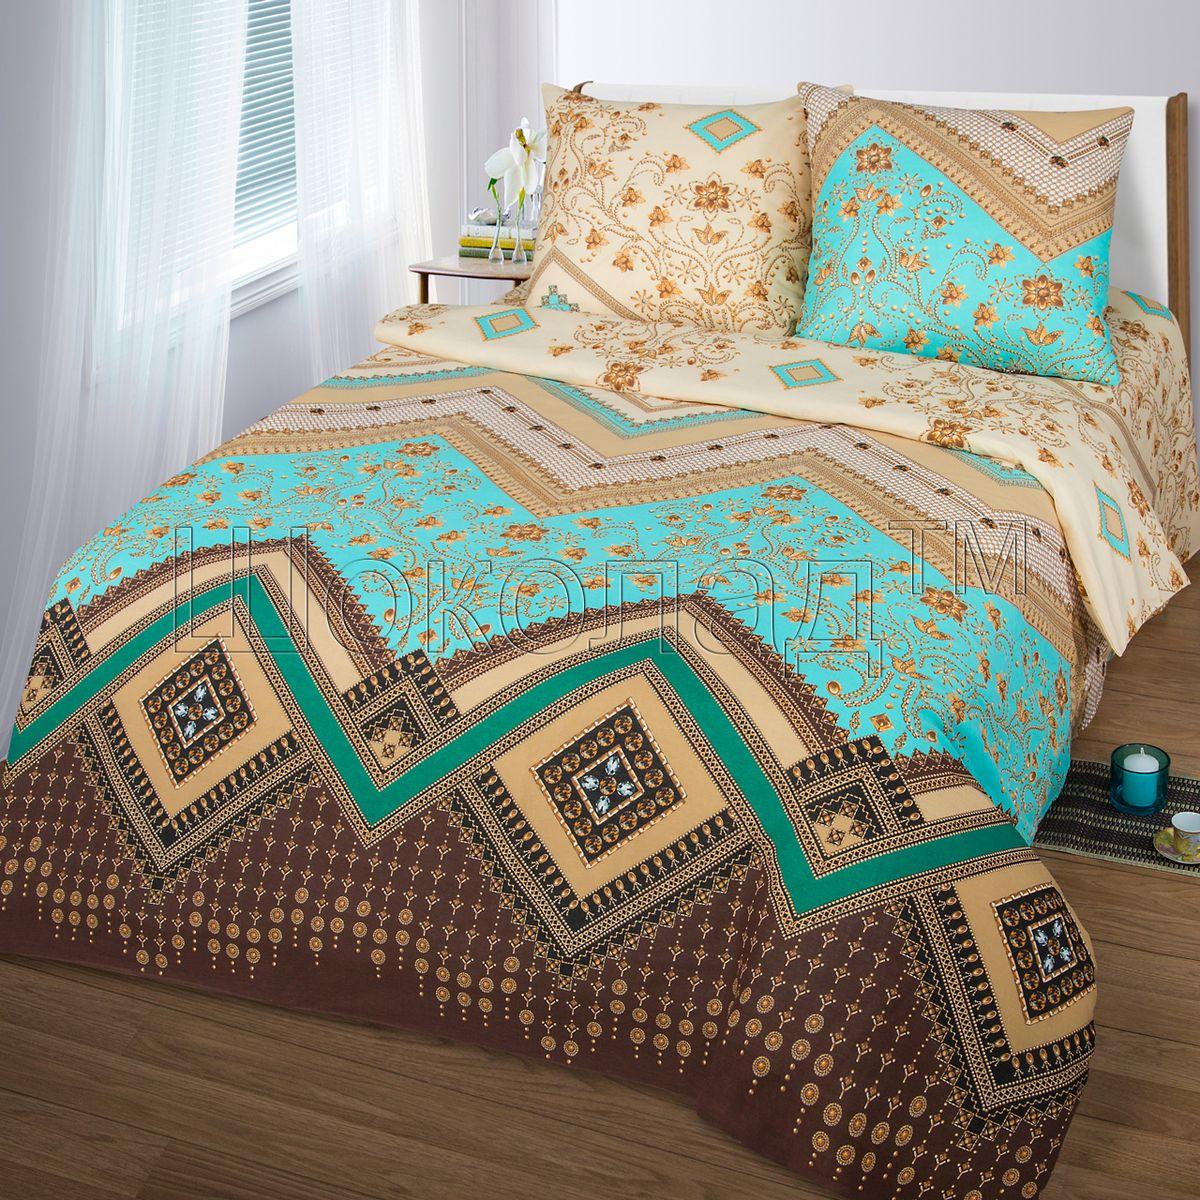 Комплект белья Шоколад Ривьера, семейный, наволочки 70x70. Б12010503Комплект постельного белья Шоколад Ривьера является экологически безопасным для всей семьи, так как выполнен из натурального хлопка. Комплект состоит из двух пододеяльников, простыни и двух наволочек. Постельное белье оформлено оригинальным рисунком и имеет изысканный внешний вид.Бязь - это ткань полотняного переплетения, изготовленная из экологически чистого и натурального 100% хлопка. Она прочная, мягкая, обладает низкой сминаемостью, легко стирается и хорошо гладится. Бязь прекрасно пропускает воздух и за ней легко ухаживать. При соблюдении рекомендуемых условий стирки, сушки и глажения ткань имеет усадку по ГОСТу, сохранятся яркость текстильных рисунков. Приобретая комплект постельного белья Шоколад Ривьера вы можете быть уверены в том, что покупка доставит вам и вашим близким удовольствие и подарит максимальный комфорт.